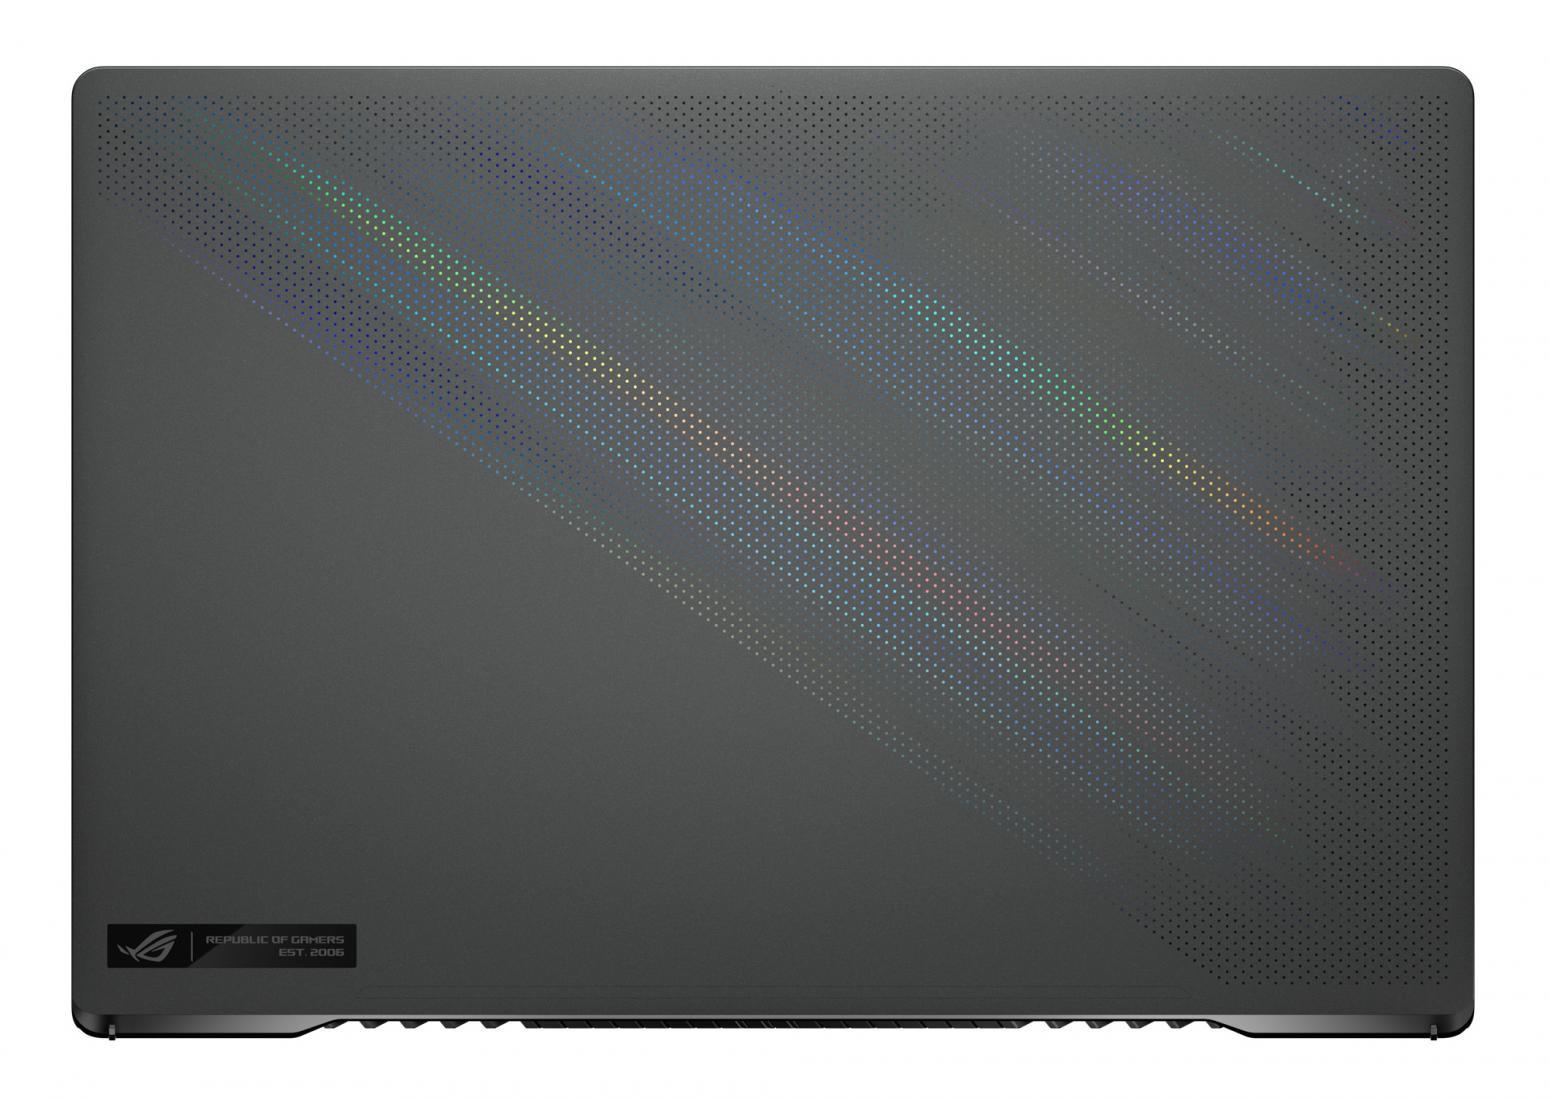 Ordinateur portable Asus ROG Zephyrus G15 GA503QS-004T Noir - RTX 3080 Max-Q, QHD 165Hz - photo 6